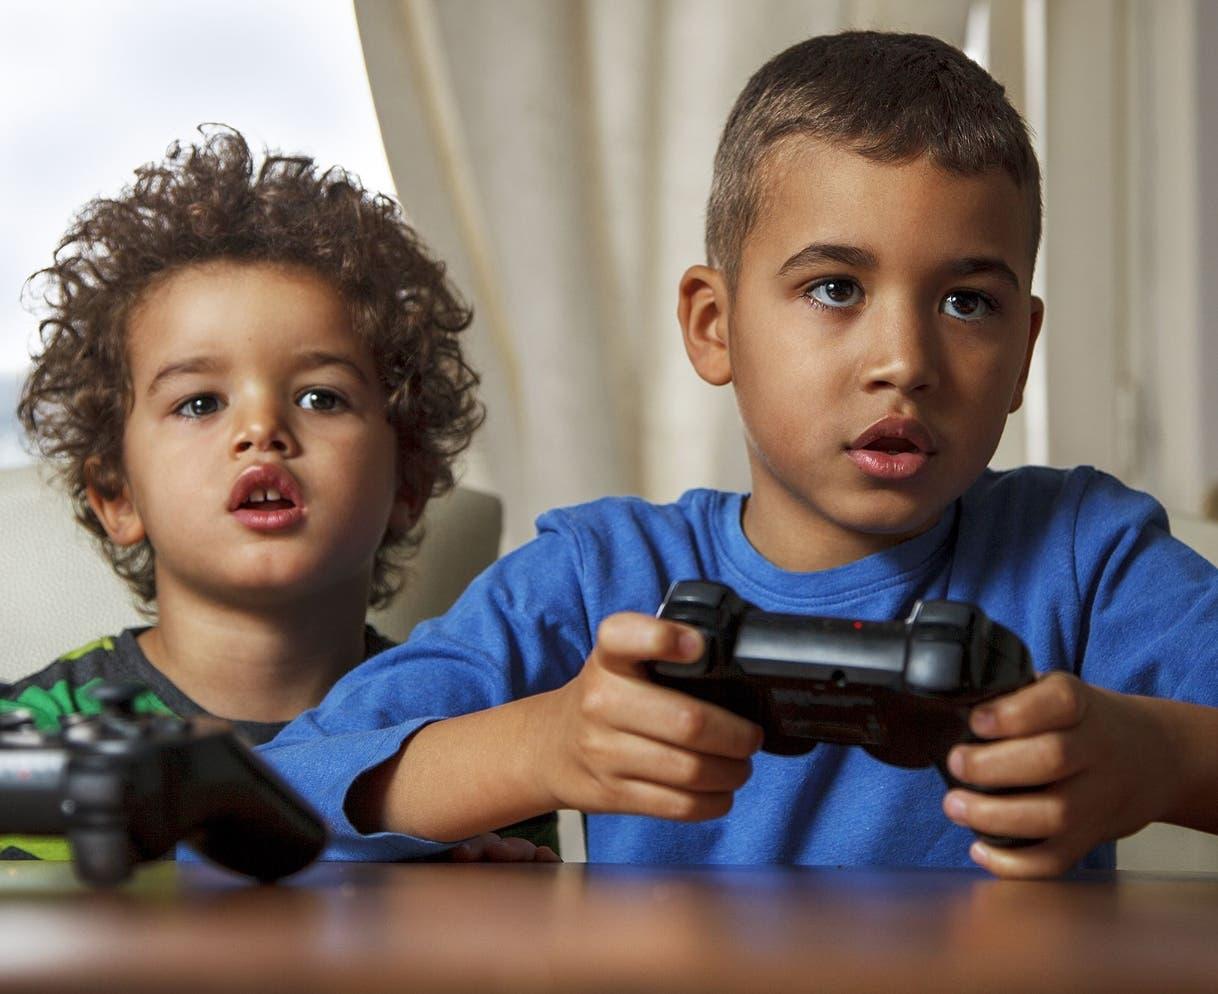 En el deseo de encubrir sus temores, los hijos  buscan refugio en un mundo virtual e irreal.